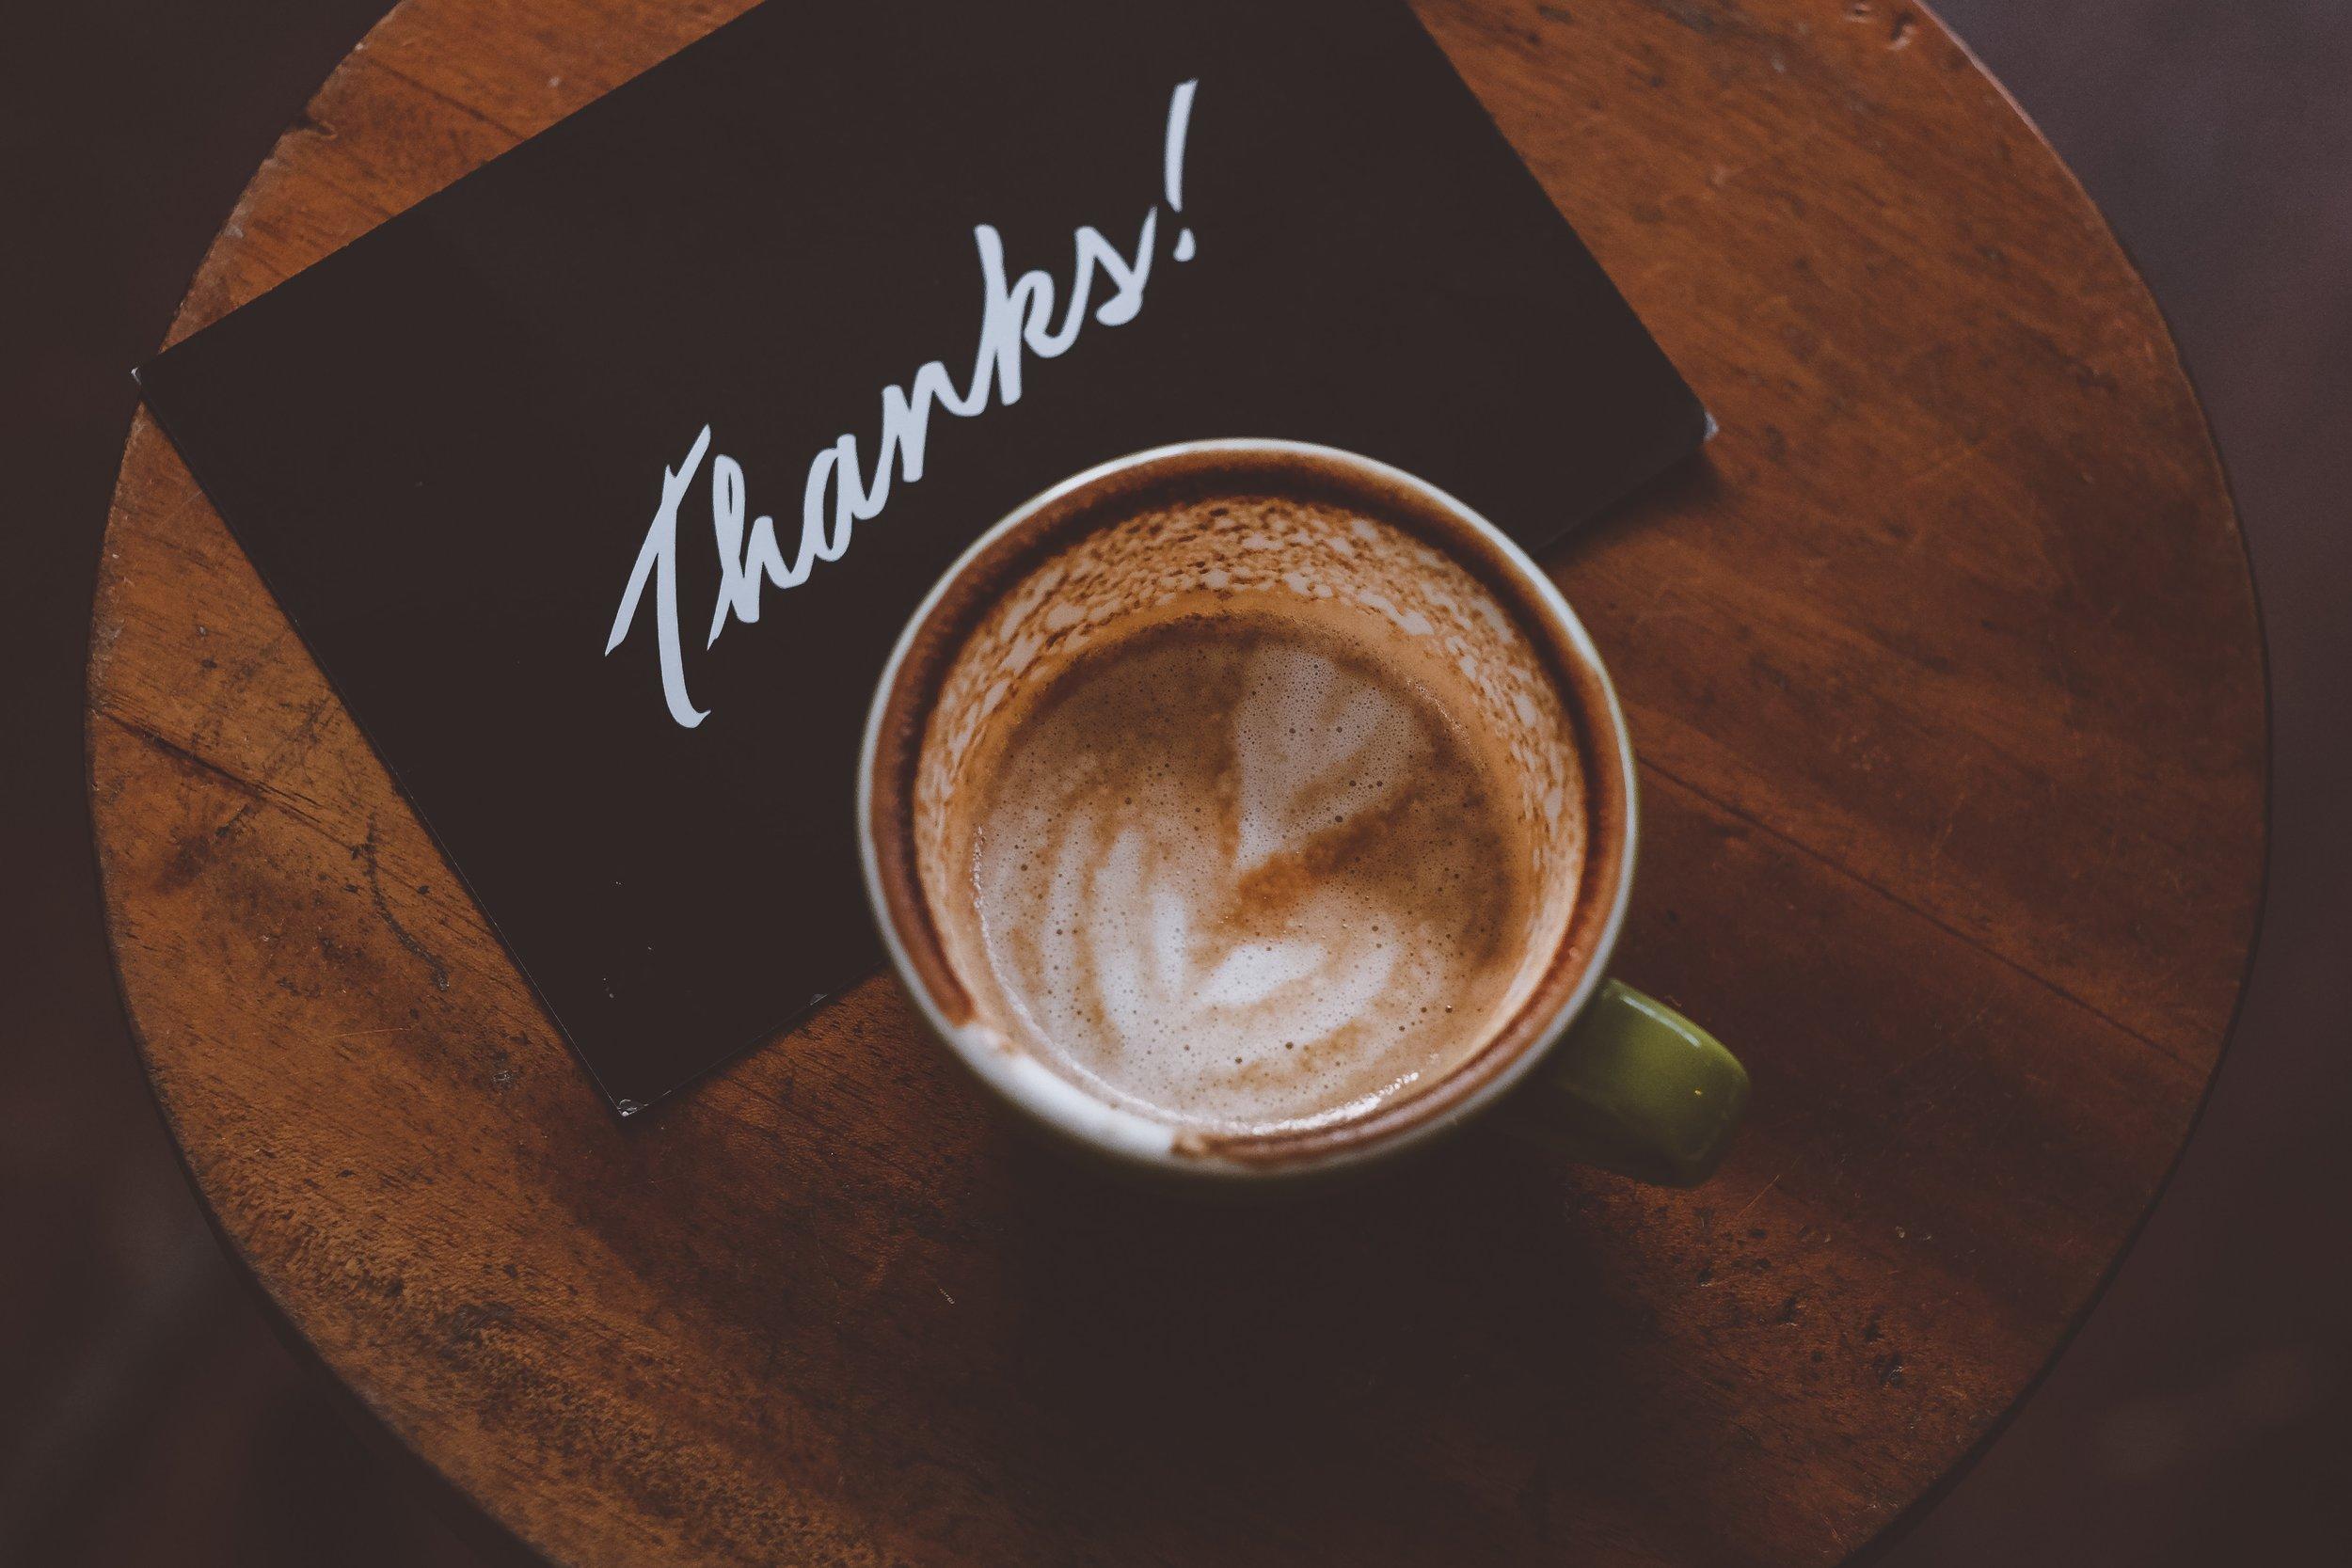 Reviews - Se gostar do nosso serviço, no final por favor deixe uma pequena observação.O feedback dos nossos clientes são a alavanca que melhoram os nossos serviços!Obrigada!